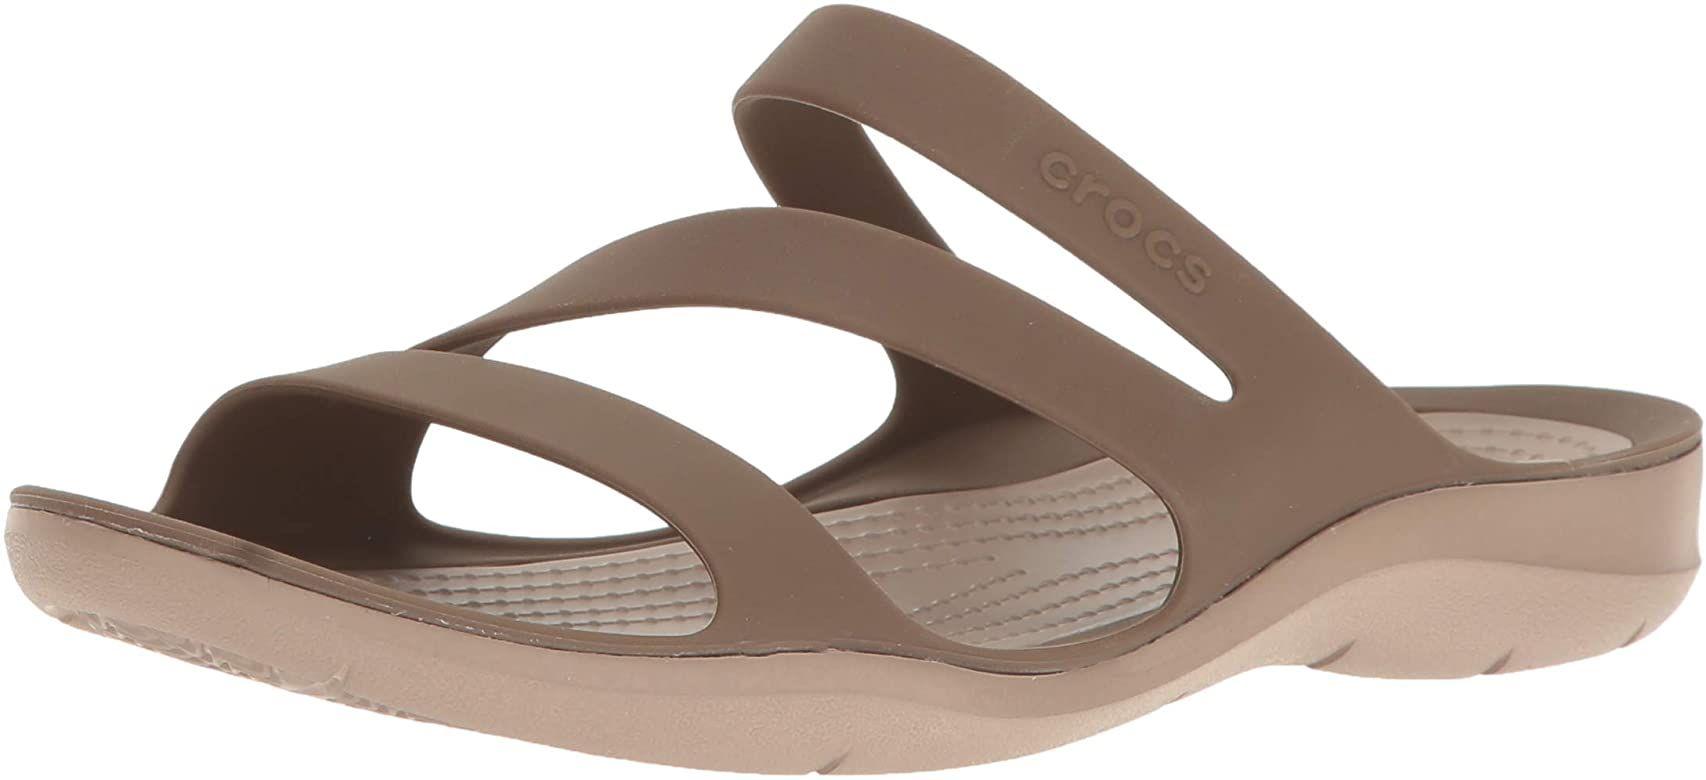 Crocs Women's Swiftwater Sandal Sport Black